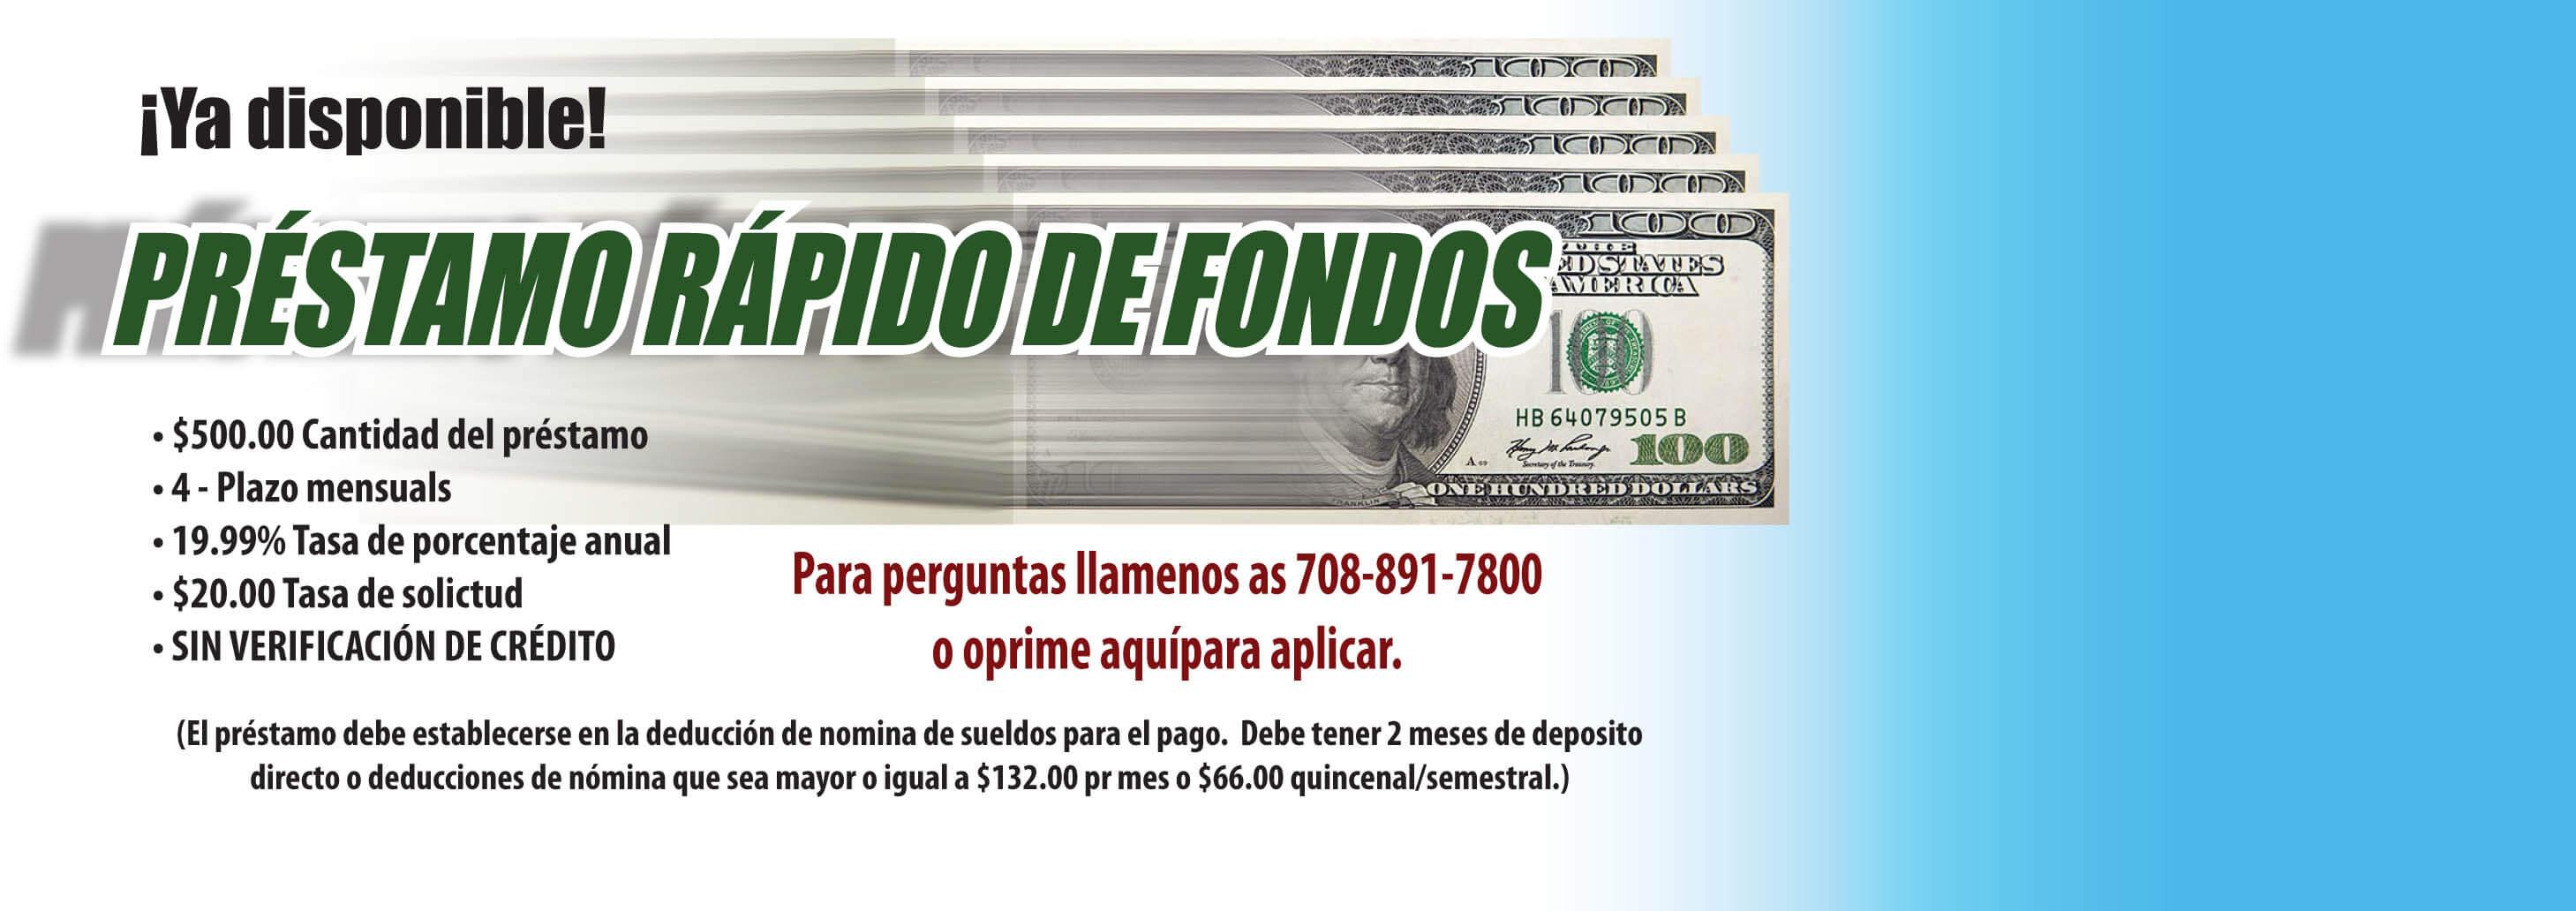 Ya disponible, El Prestamo Rapido de Fondos: $500 cantidad, 4 pagoz mesuales, 19.99% Tasa de procentaje anual